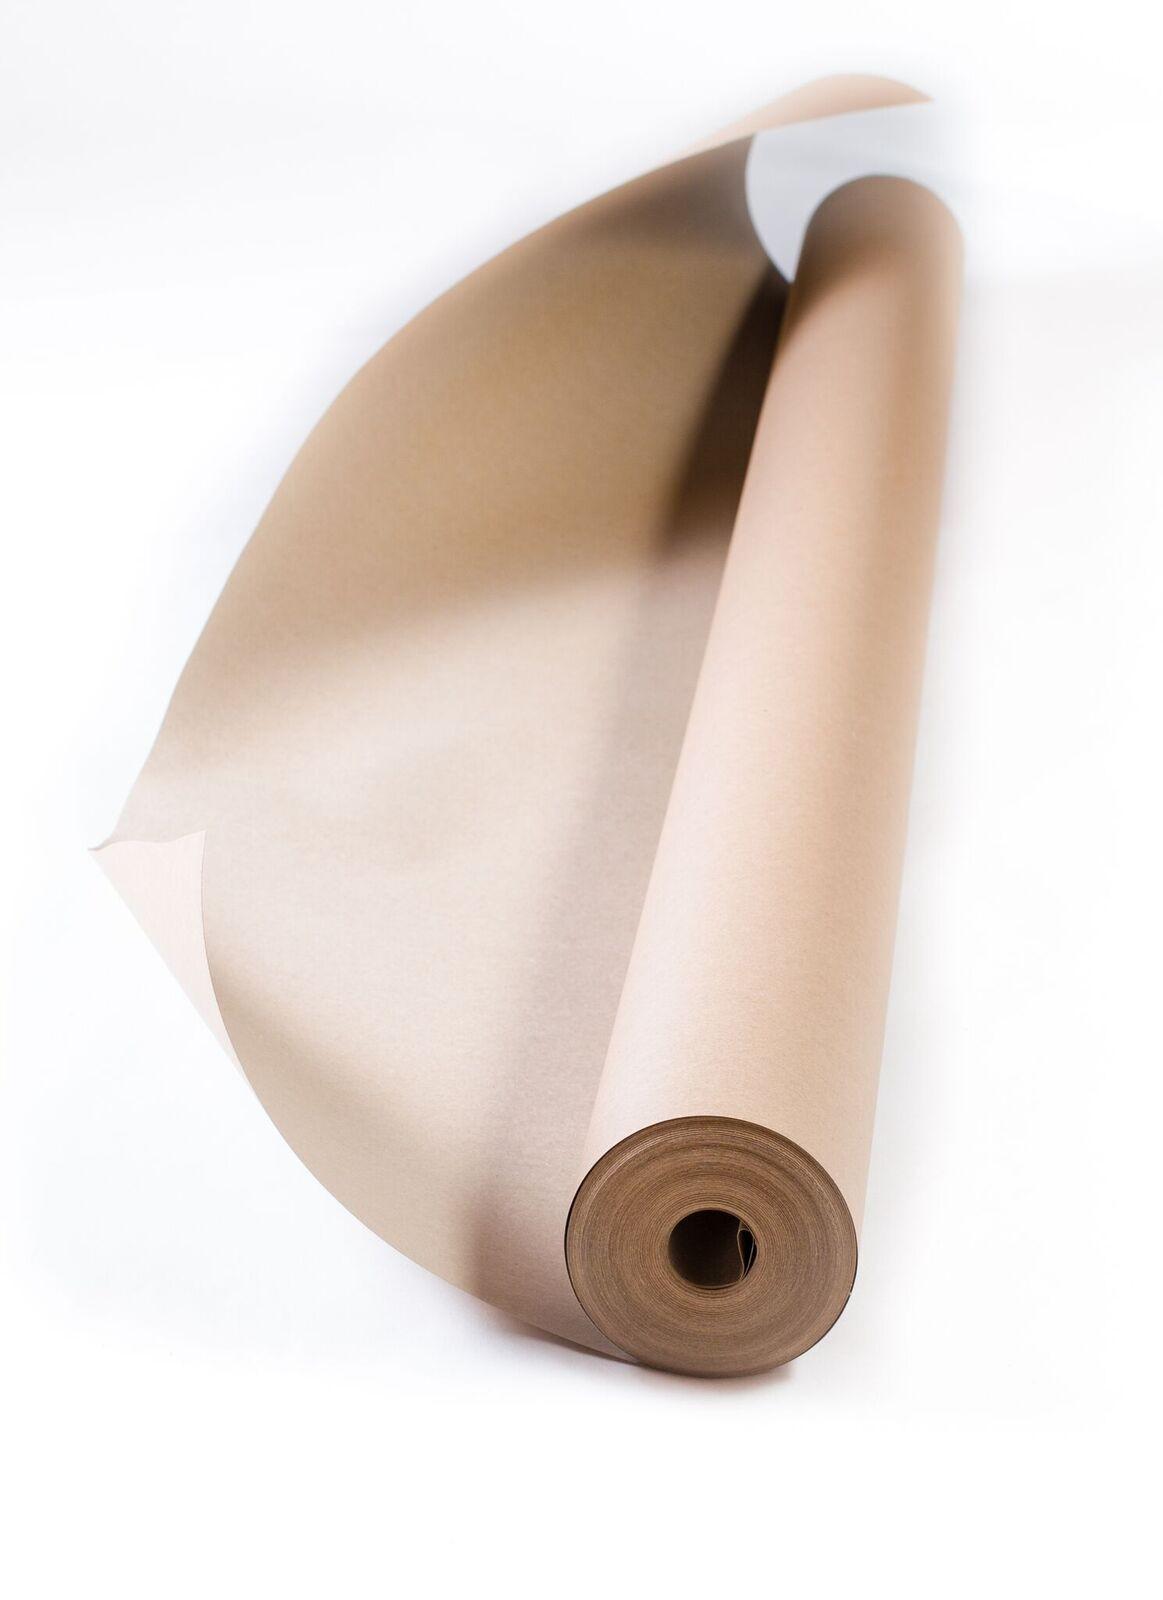 Hengittävä suojakartonki, joka on tarkoitettu käytettäväksi kuivissa olosuhteissa.